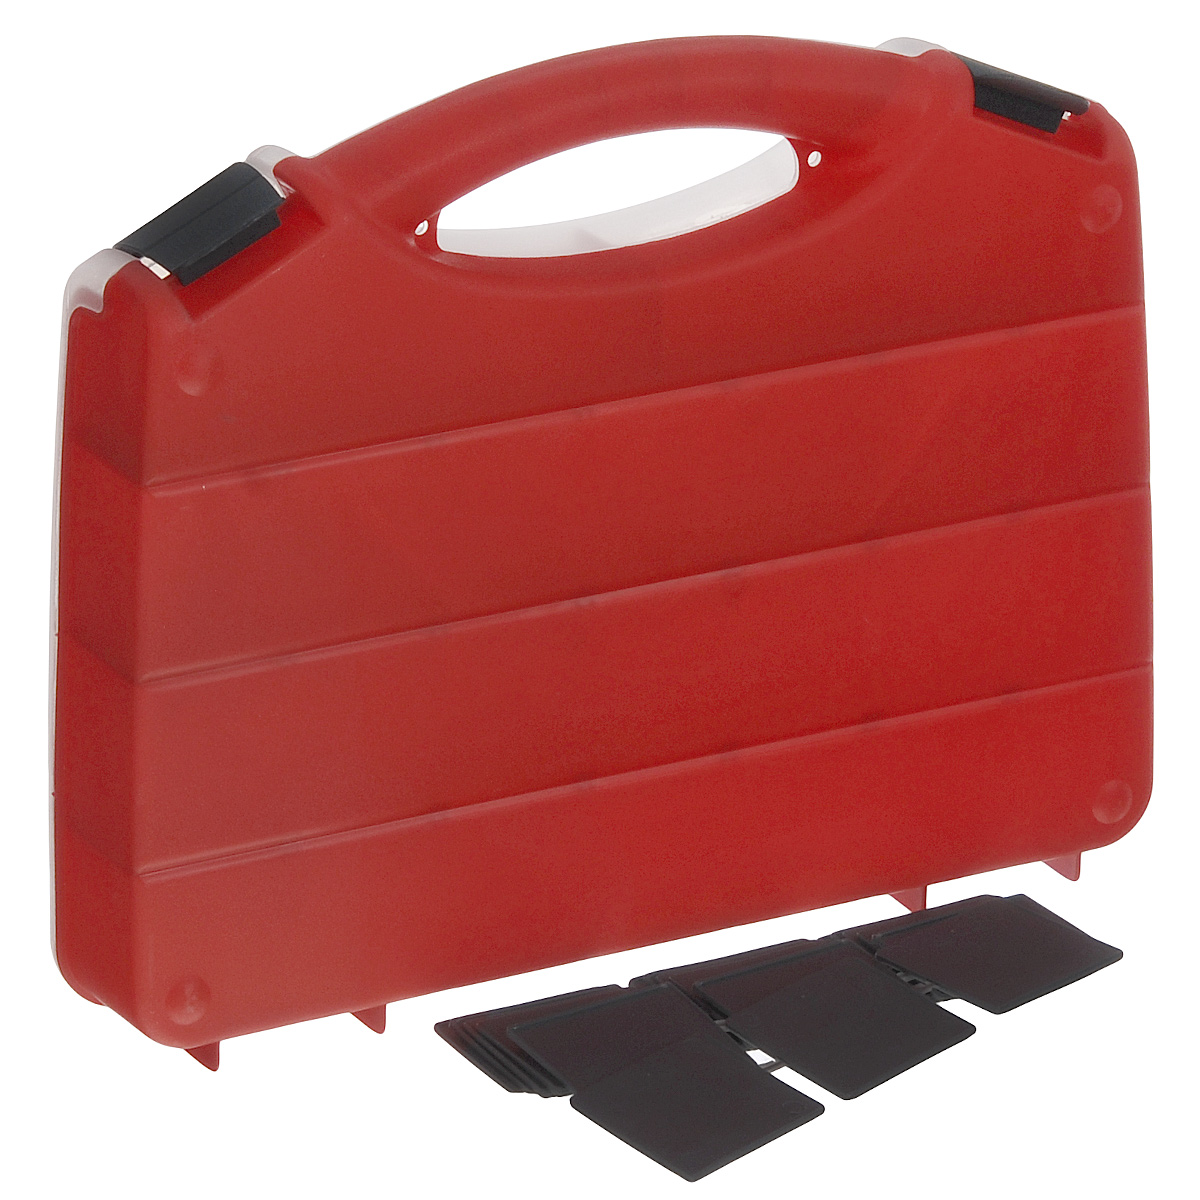 Органайзер Blocker Profi, со съемными перегородками, цвет: красный, 32 см х 26 см х 5,5 смМ 2881Органайзер Blocker Profi изготовлен из высококачественного прочного пластика и предназначен для хранения и переноски инструментов, рыболовных принадлежностей и различных мелочей. Оснащен 5 большими отделениями, в три из которых можно вставить перегородки. Органайзер надежно закрывается при помощи пластмассовых защелок. Крышка выполнена из прозрачного пластика, что позволяет видеть содержимое.Размер самого большого отделения: 30,2 см х 5,5 см х 4,5 см.Размер самого маленького отделения: 4,5 см х 5,5 см х 4,5 см.